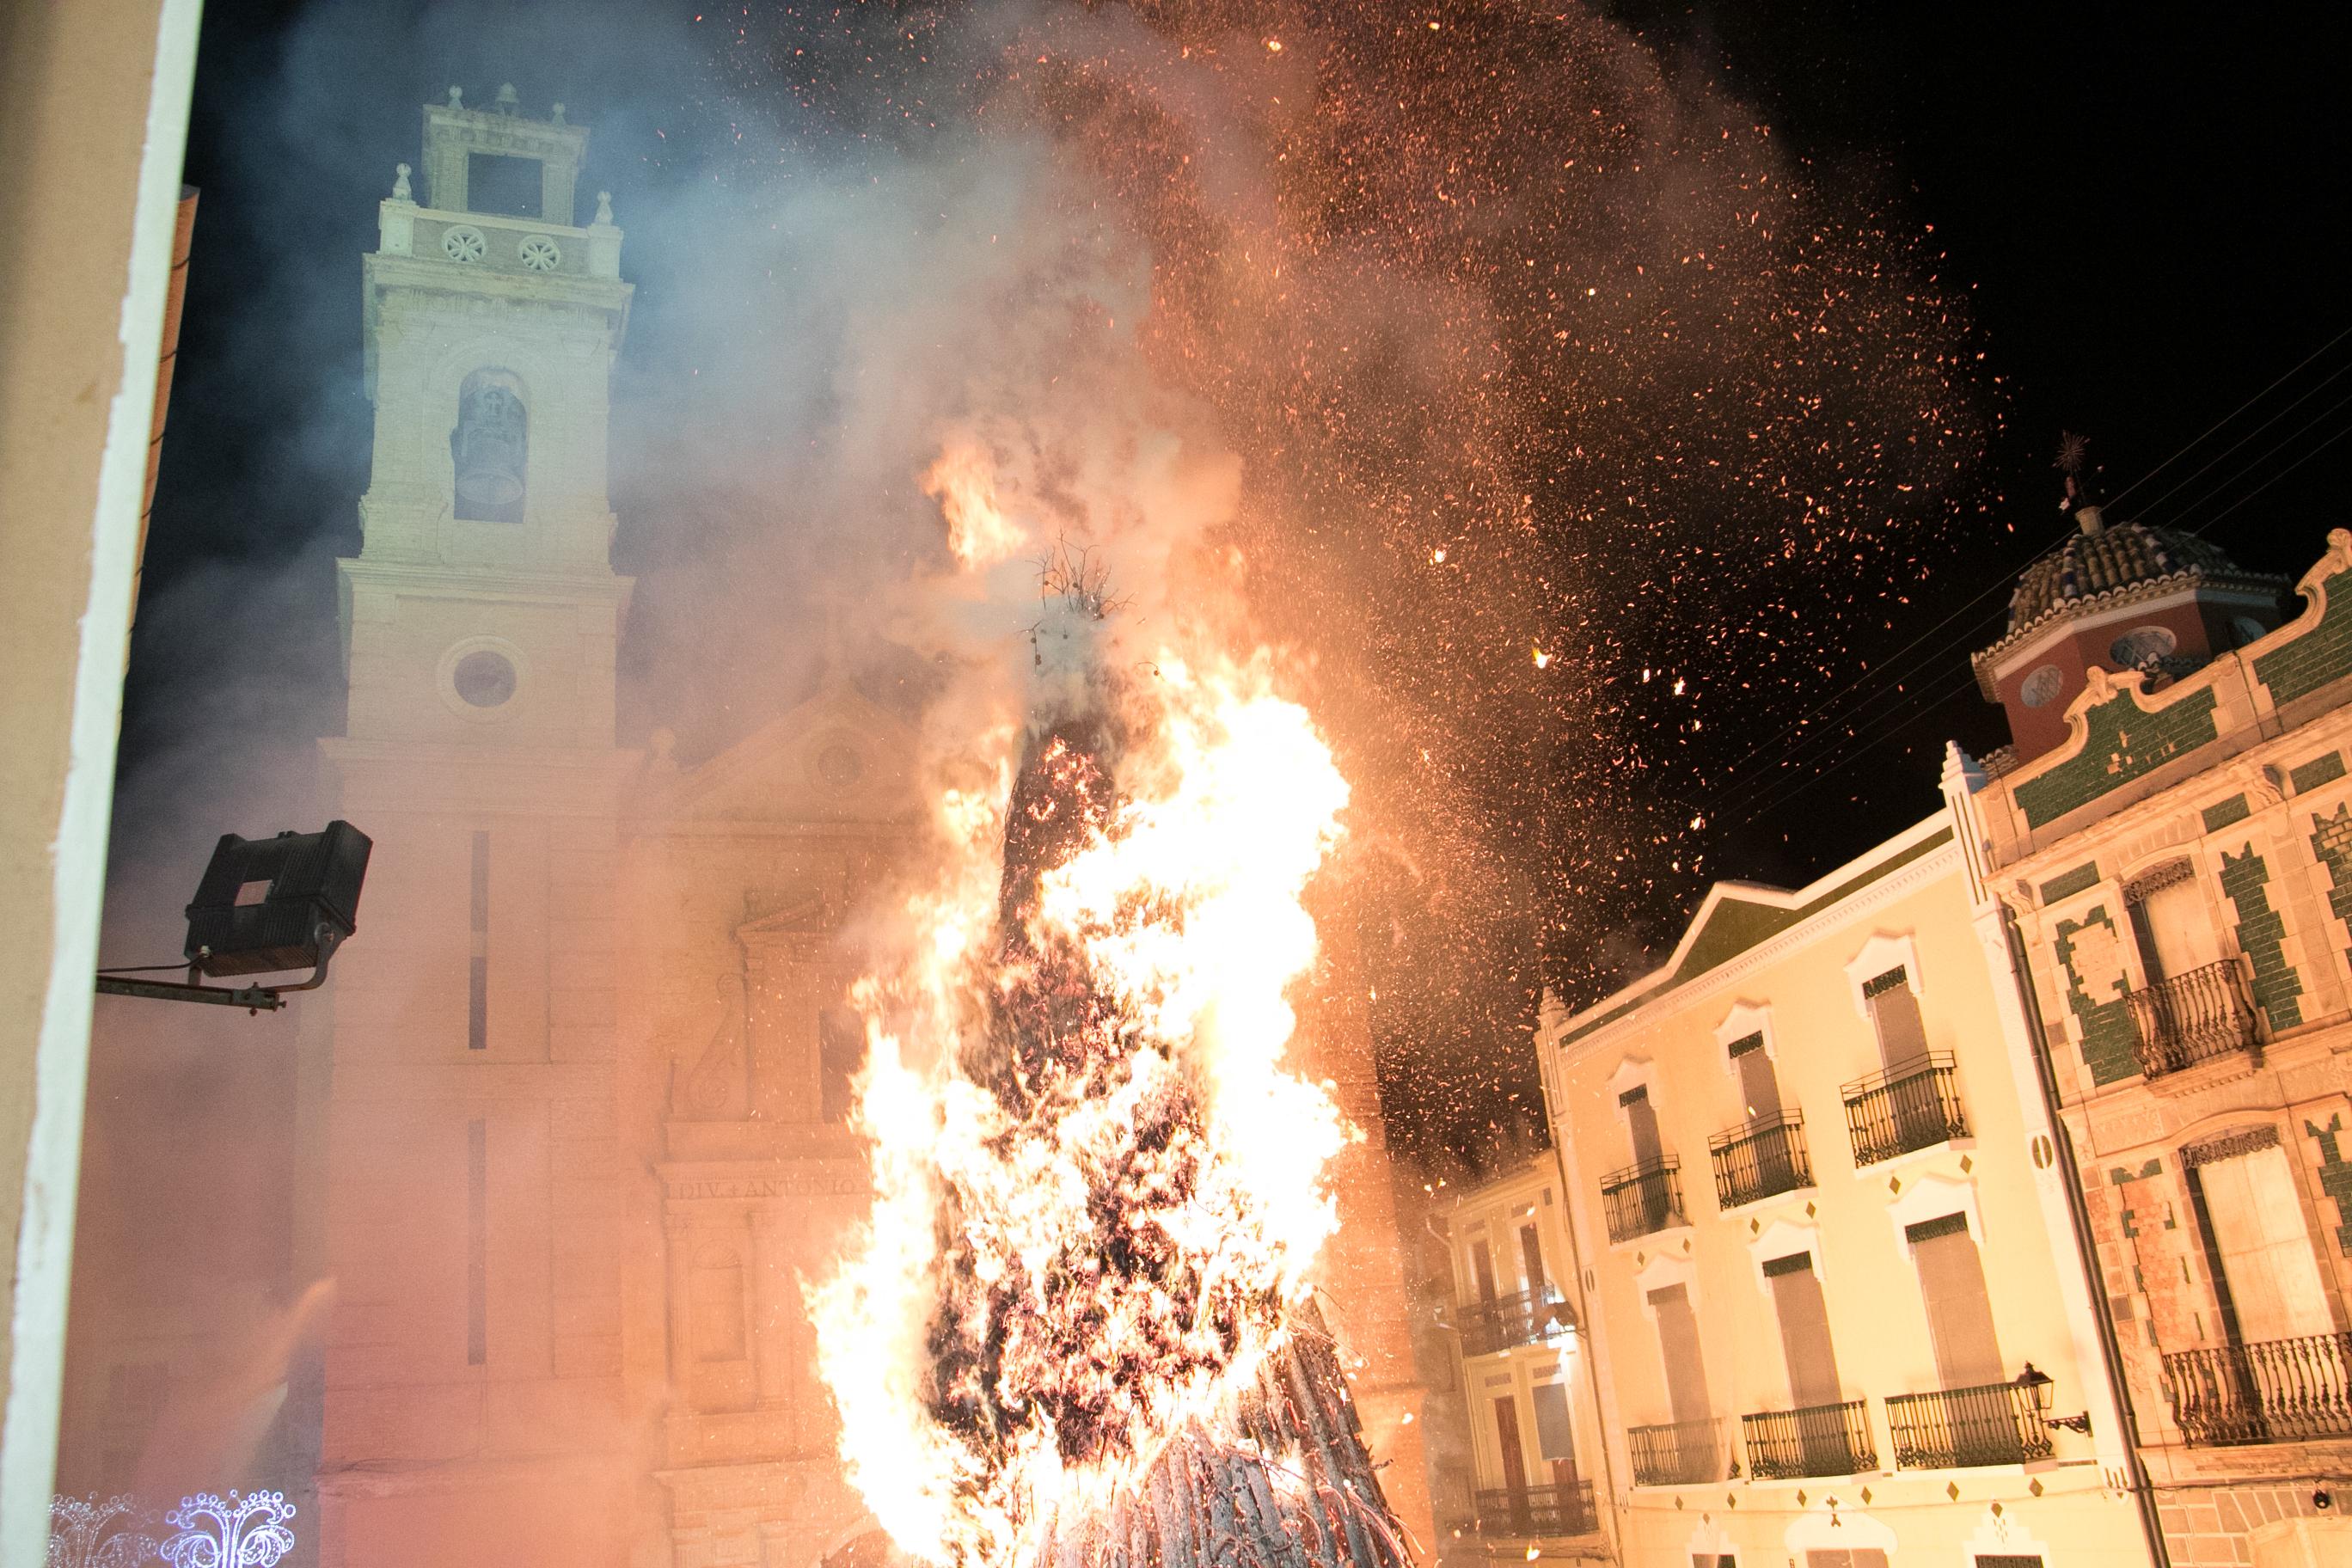 Foguera de Canals 2019. Diputació de València. Foto de Jordi Casanova